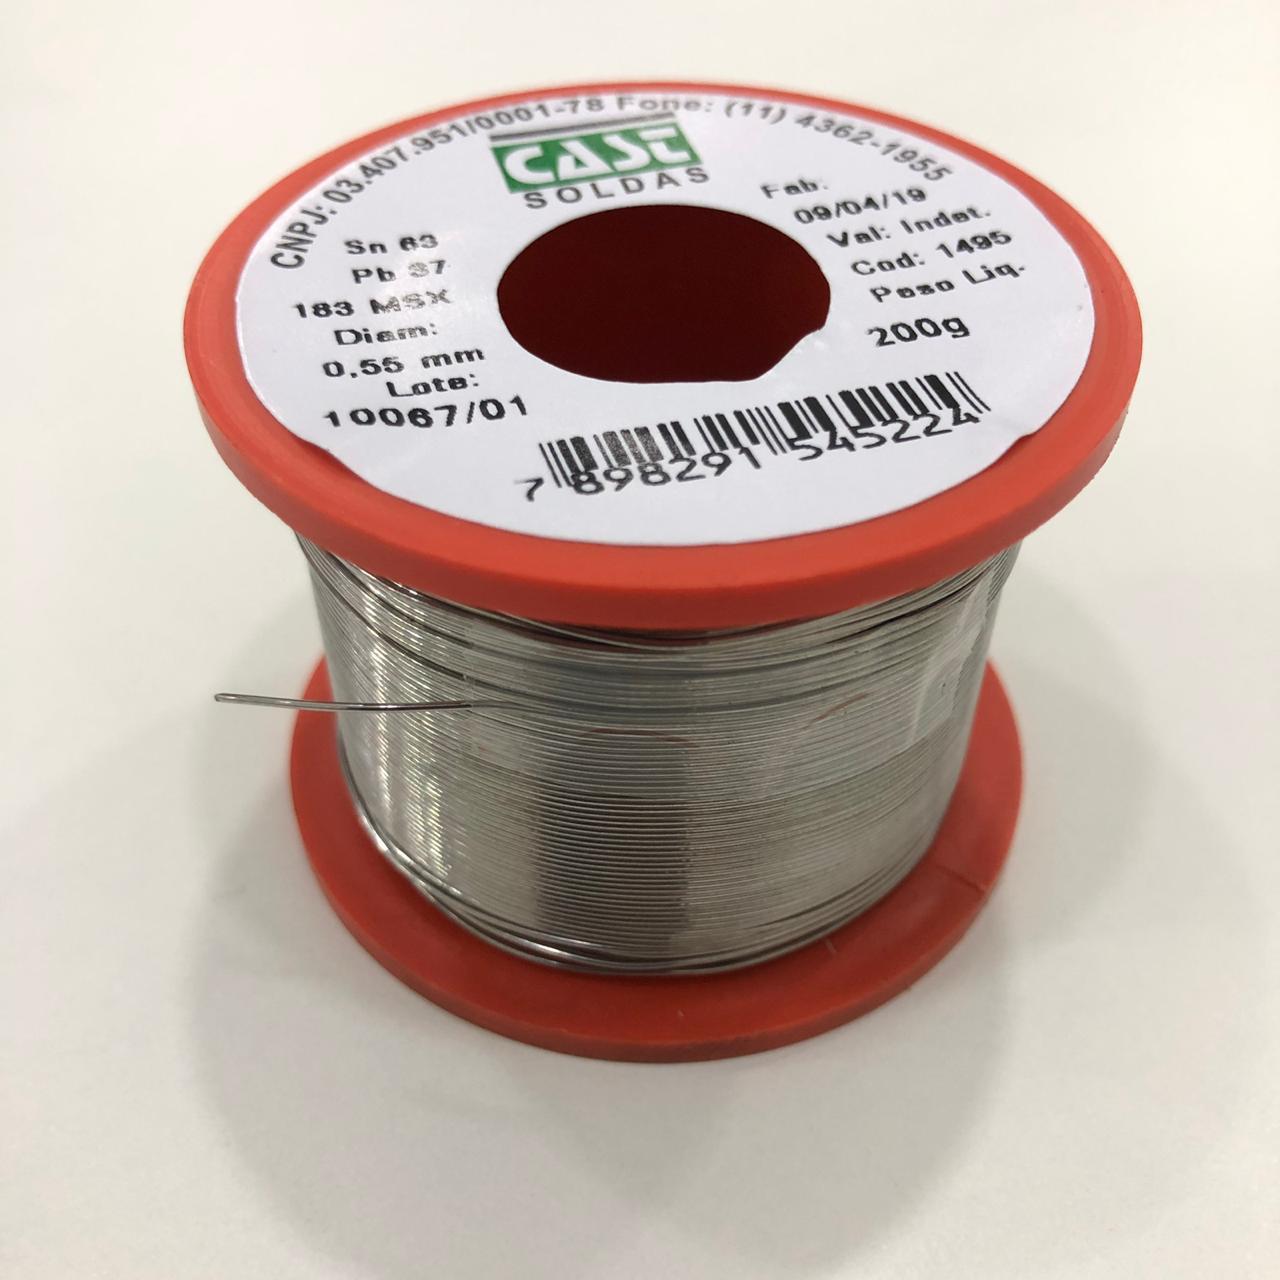 Rolo de Solda Fio 0,55mm Sn63Pb37 Cast 200g  - MRE Ferramentas